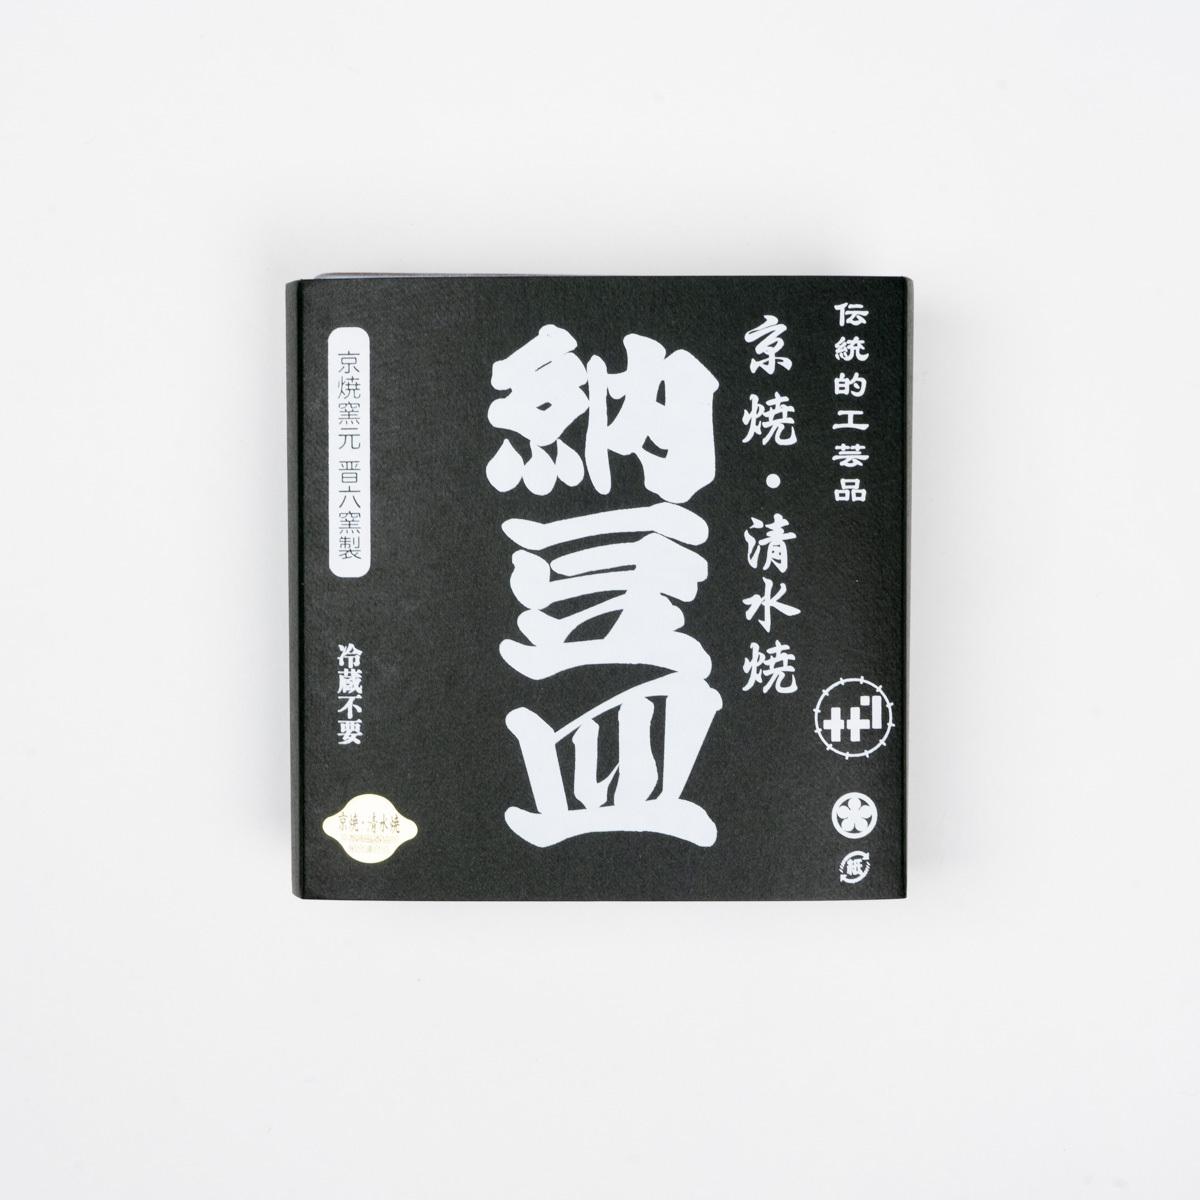 納豆皿 清水焼 |  ものづくりびと京都